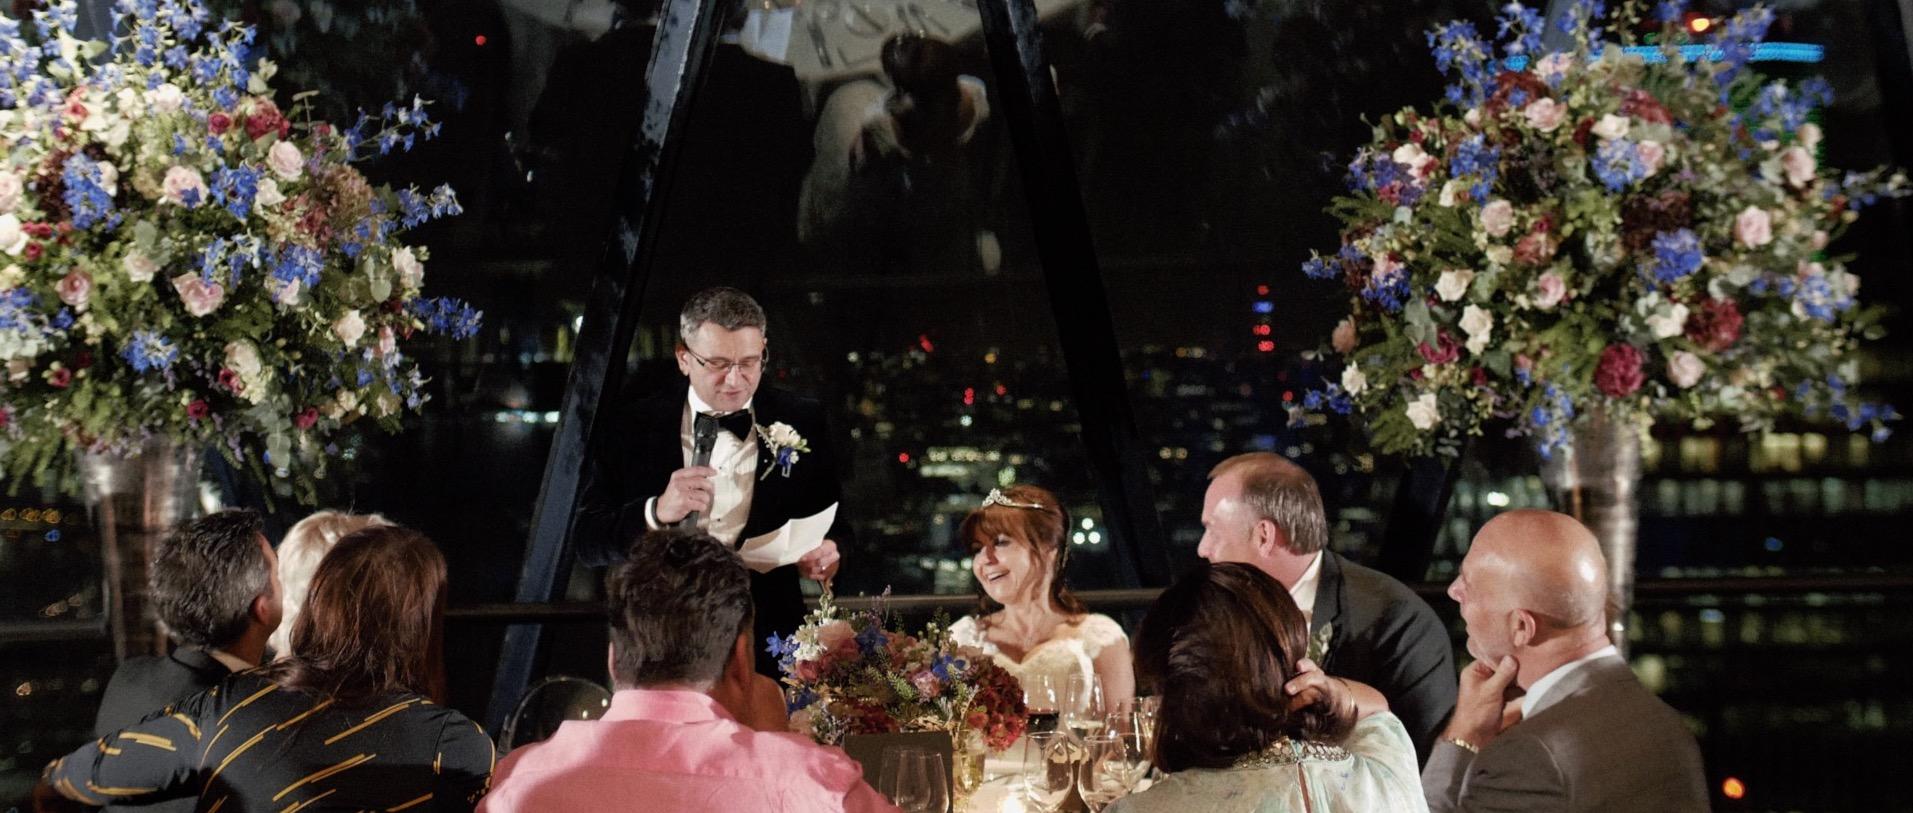 Full Wedding Film.jpg